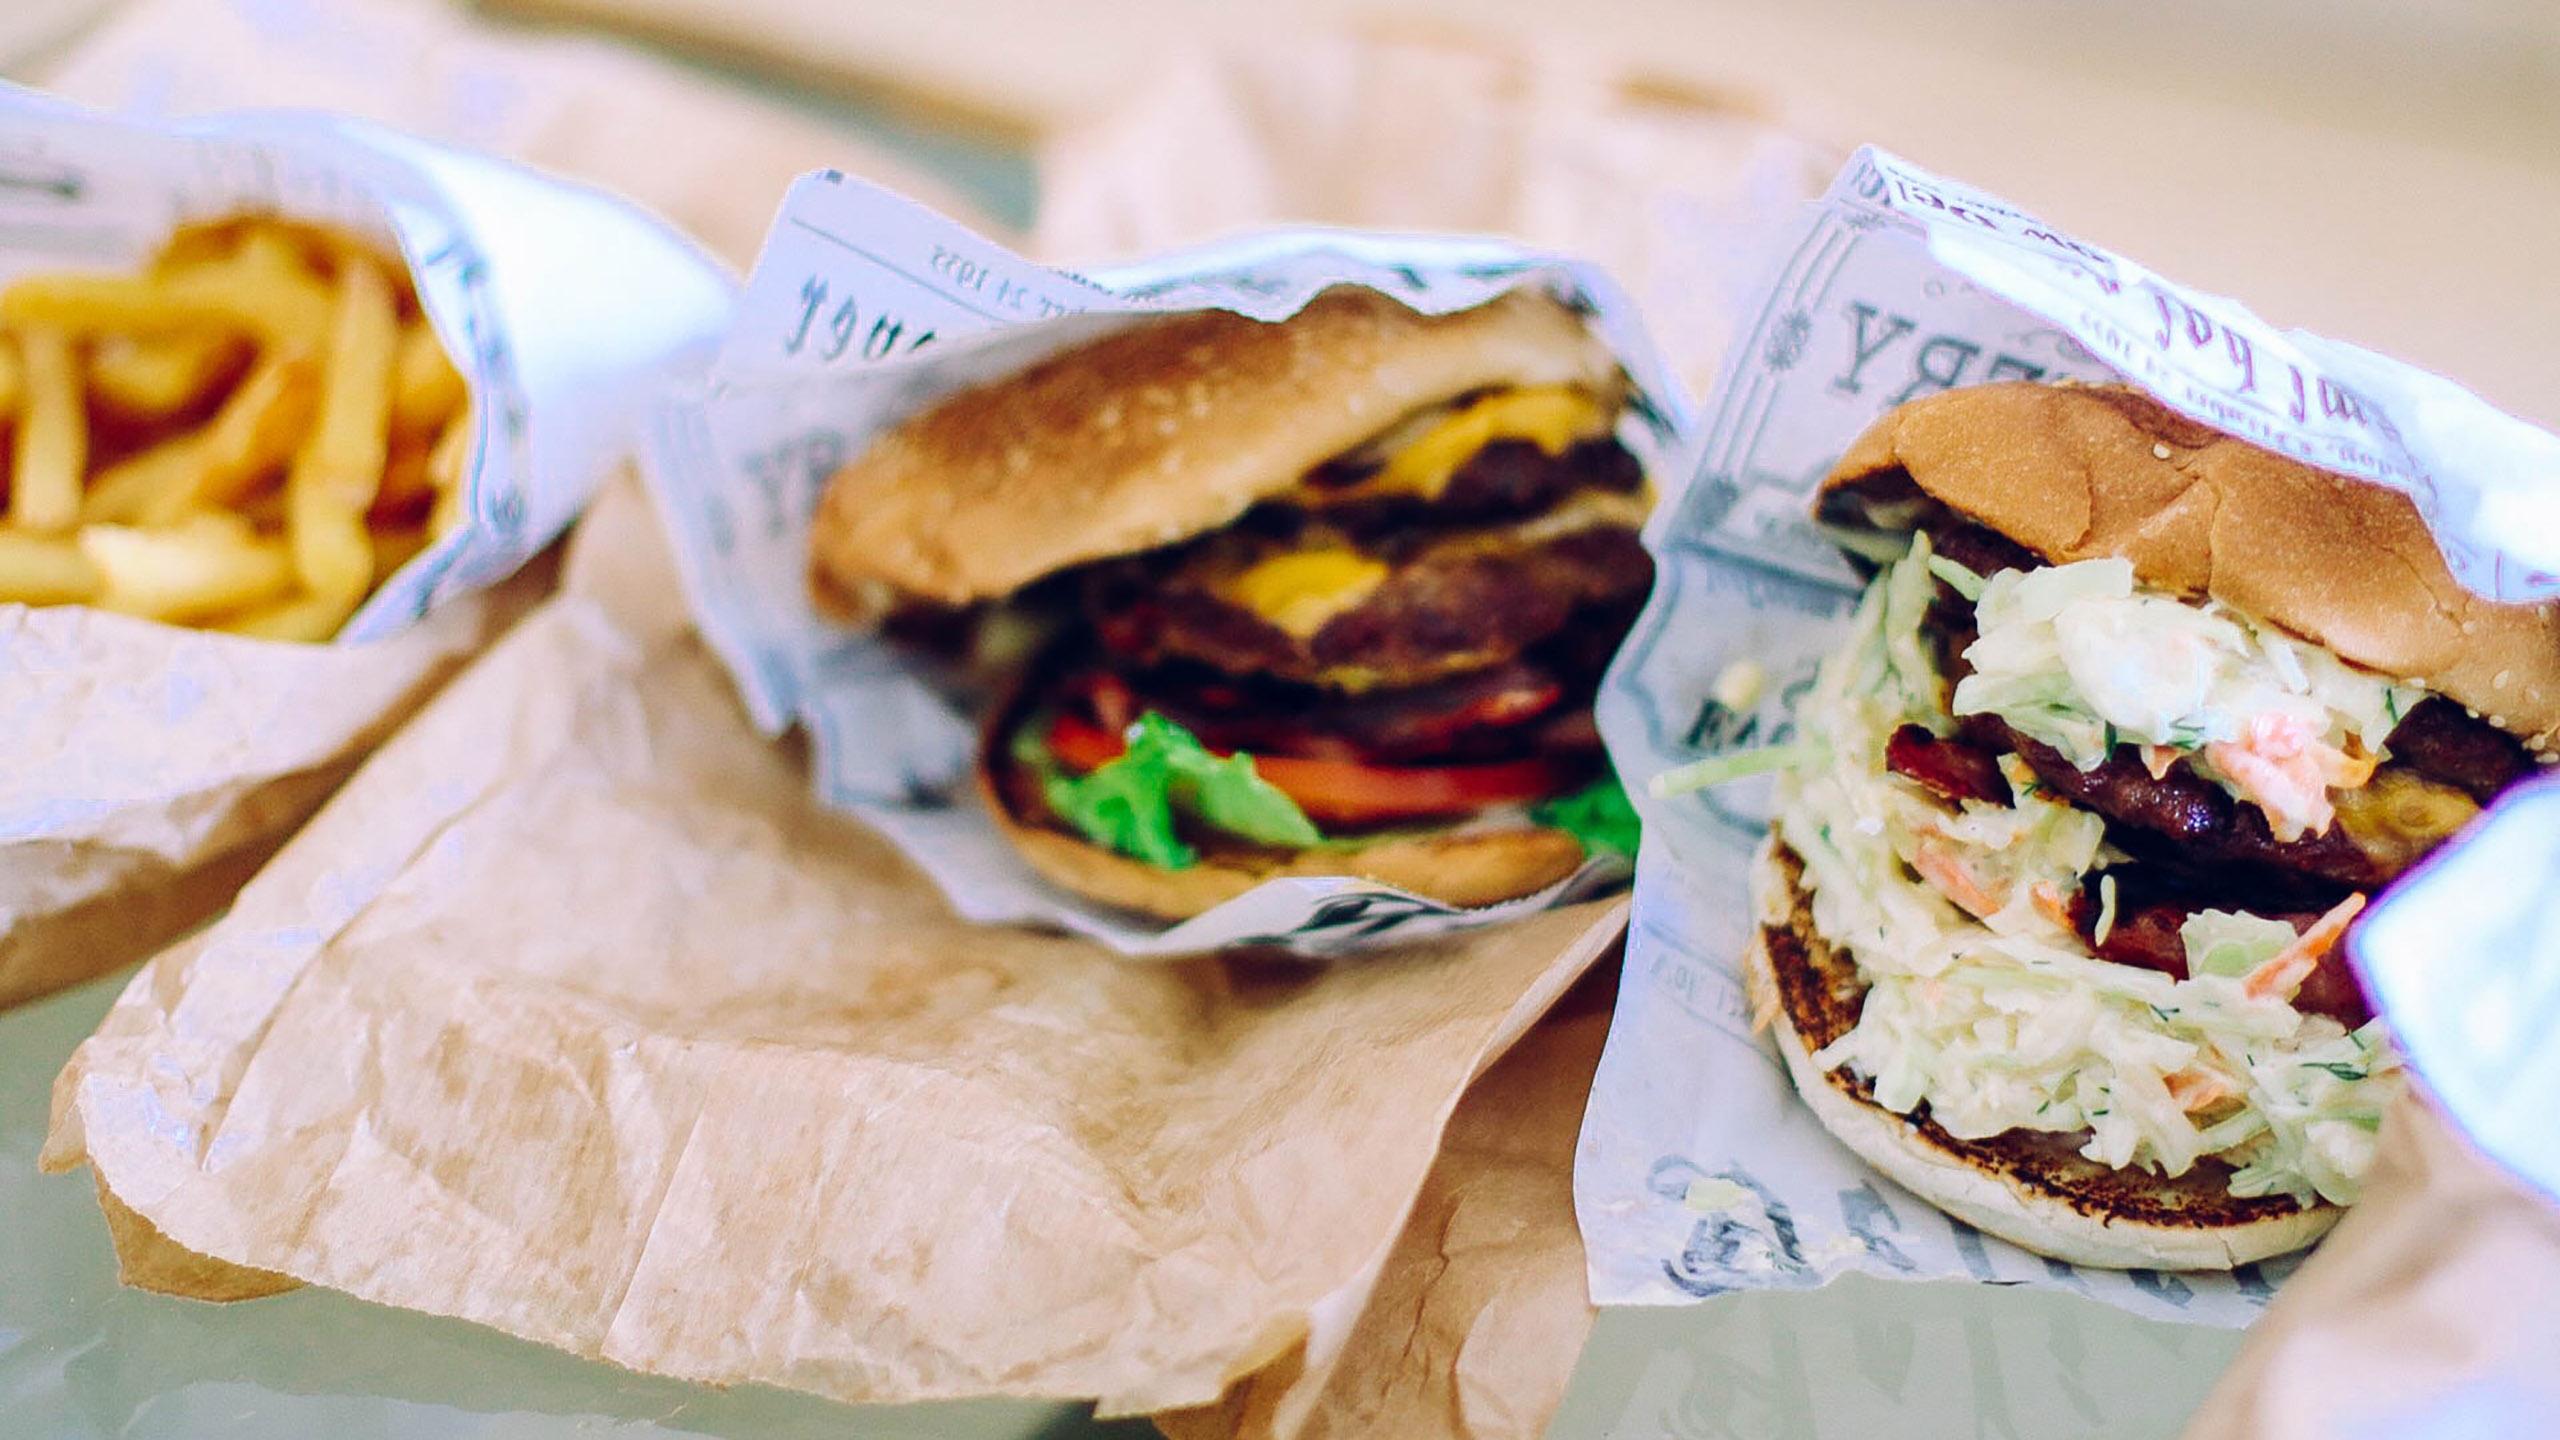 Un estudio revela que una mala alimentación es el peor hábito